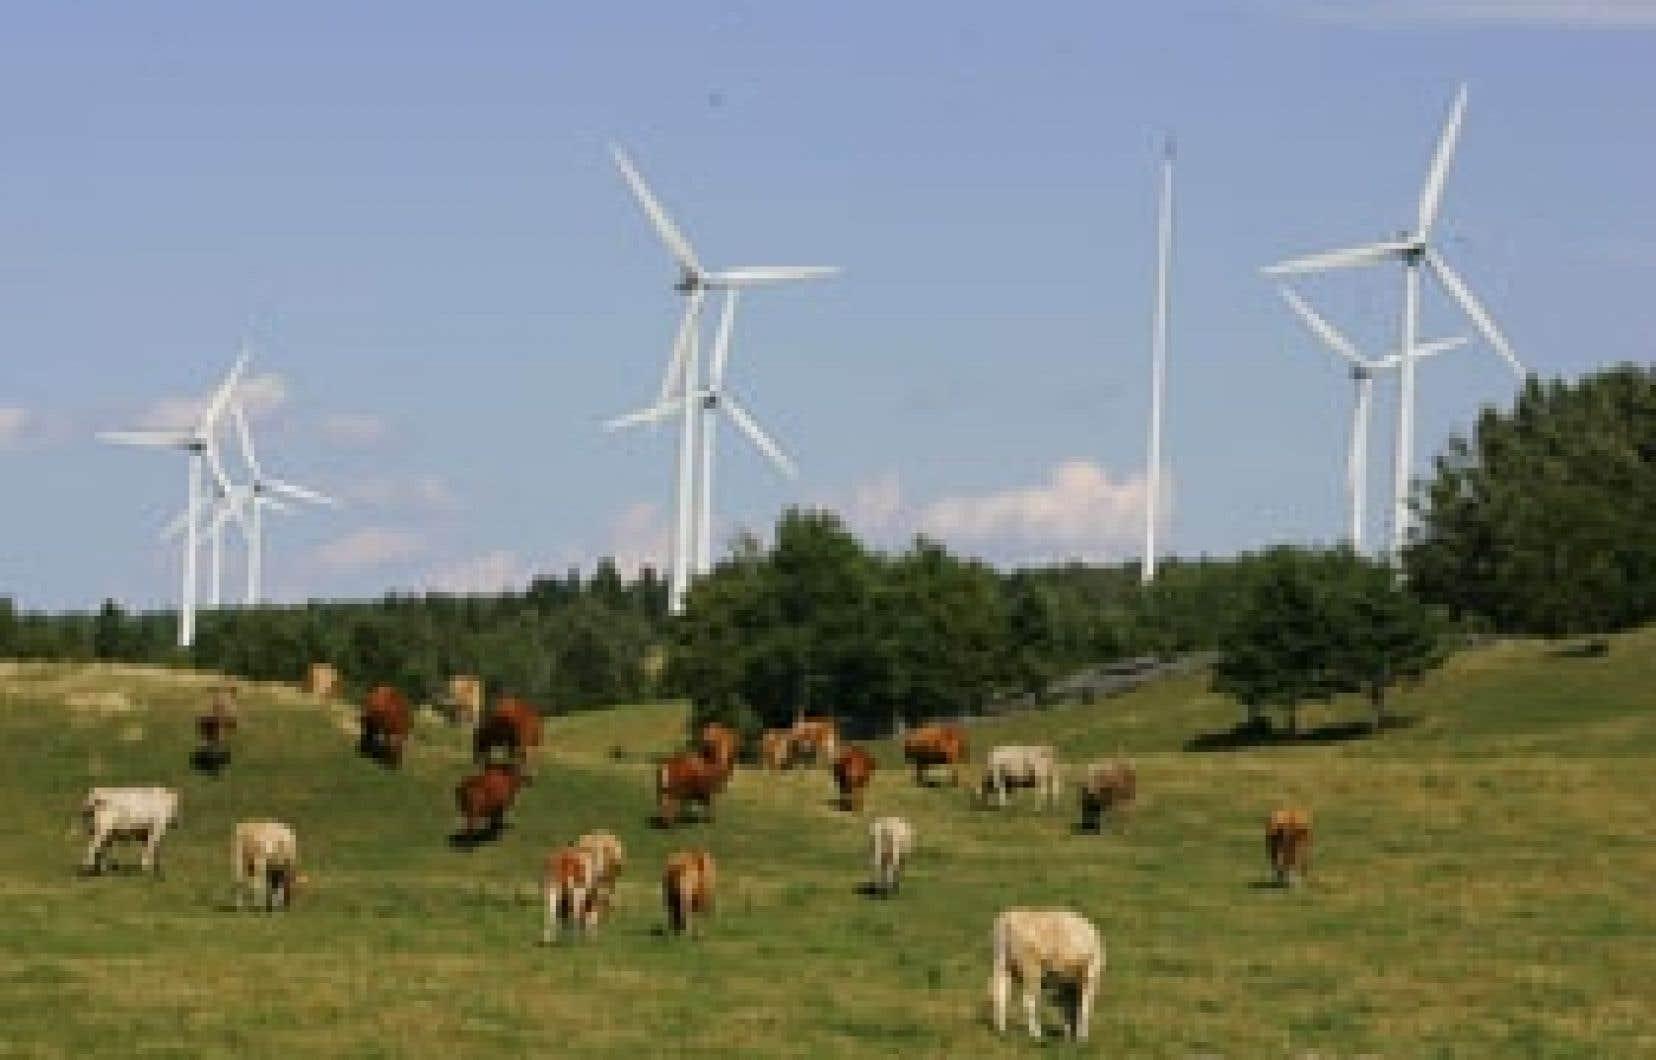 La construction de parcs d'éoliennes, un autre développement récent qui risque de modifier le paysage québécois.